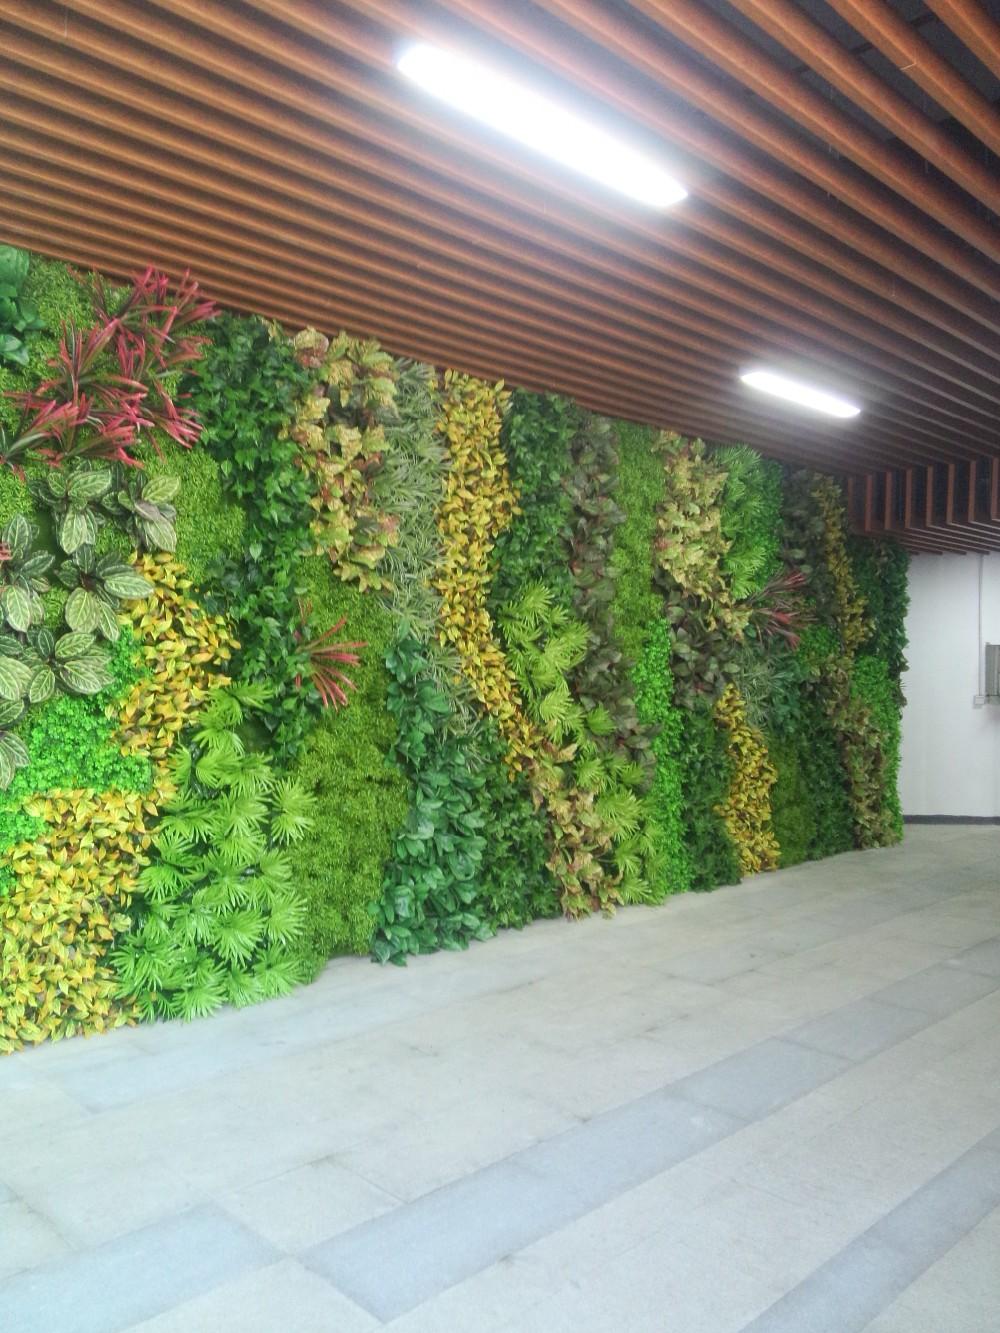 Indoor Outdoor 1 1m Artificial Plastic Green Plants Wall